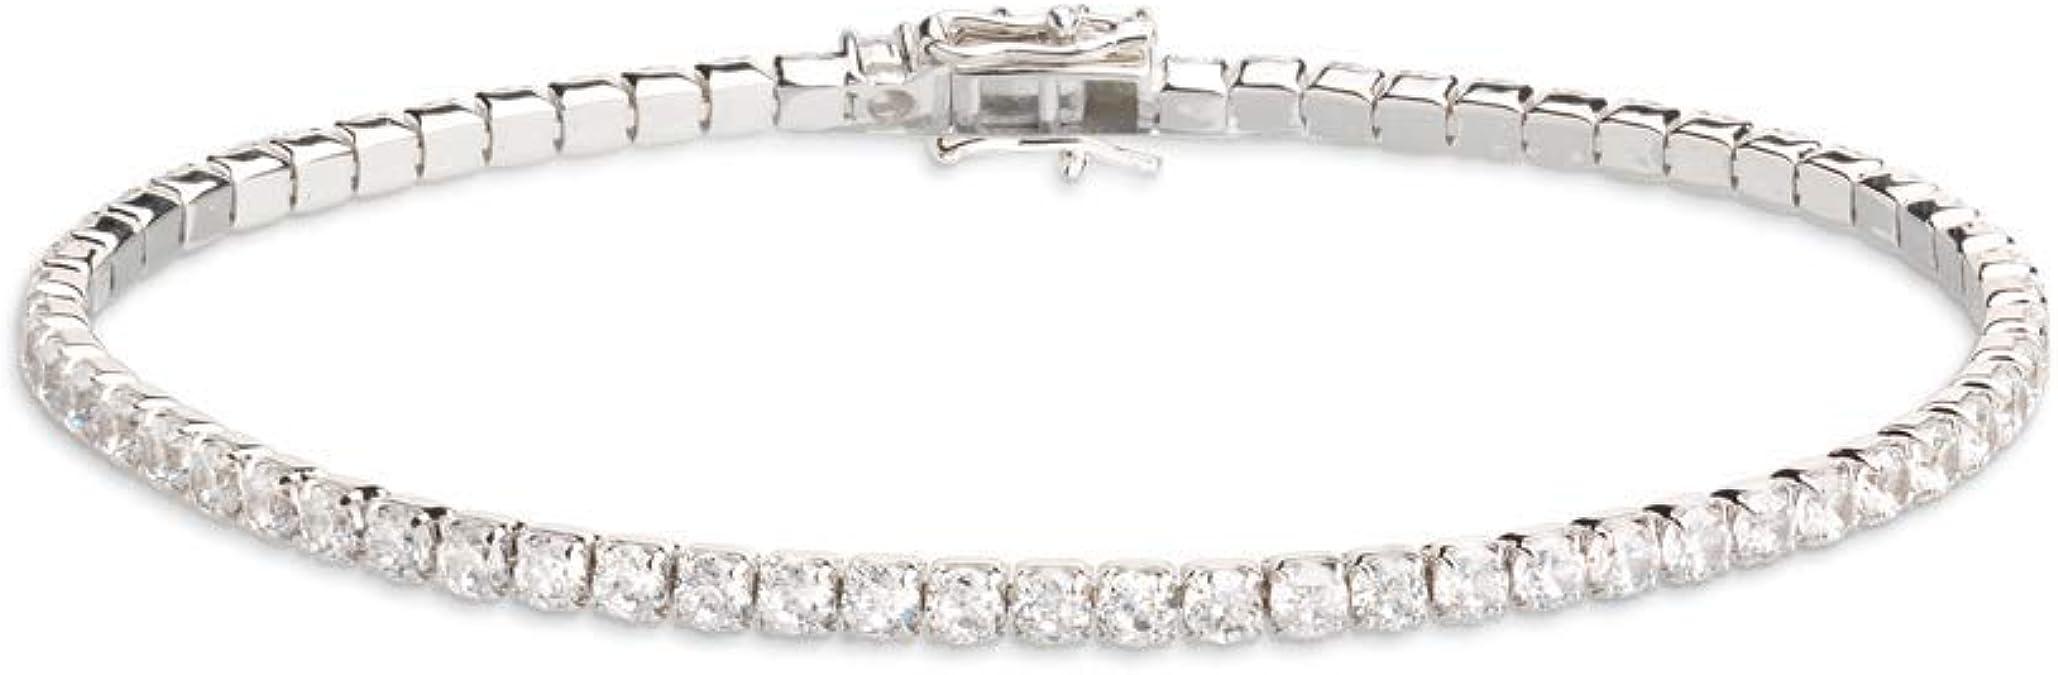 Xenox Damen Silber Sterling 925 Armband mit Zirkonia Glamour Match XS1725